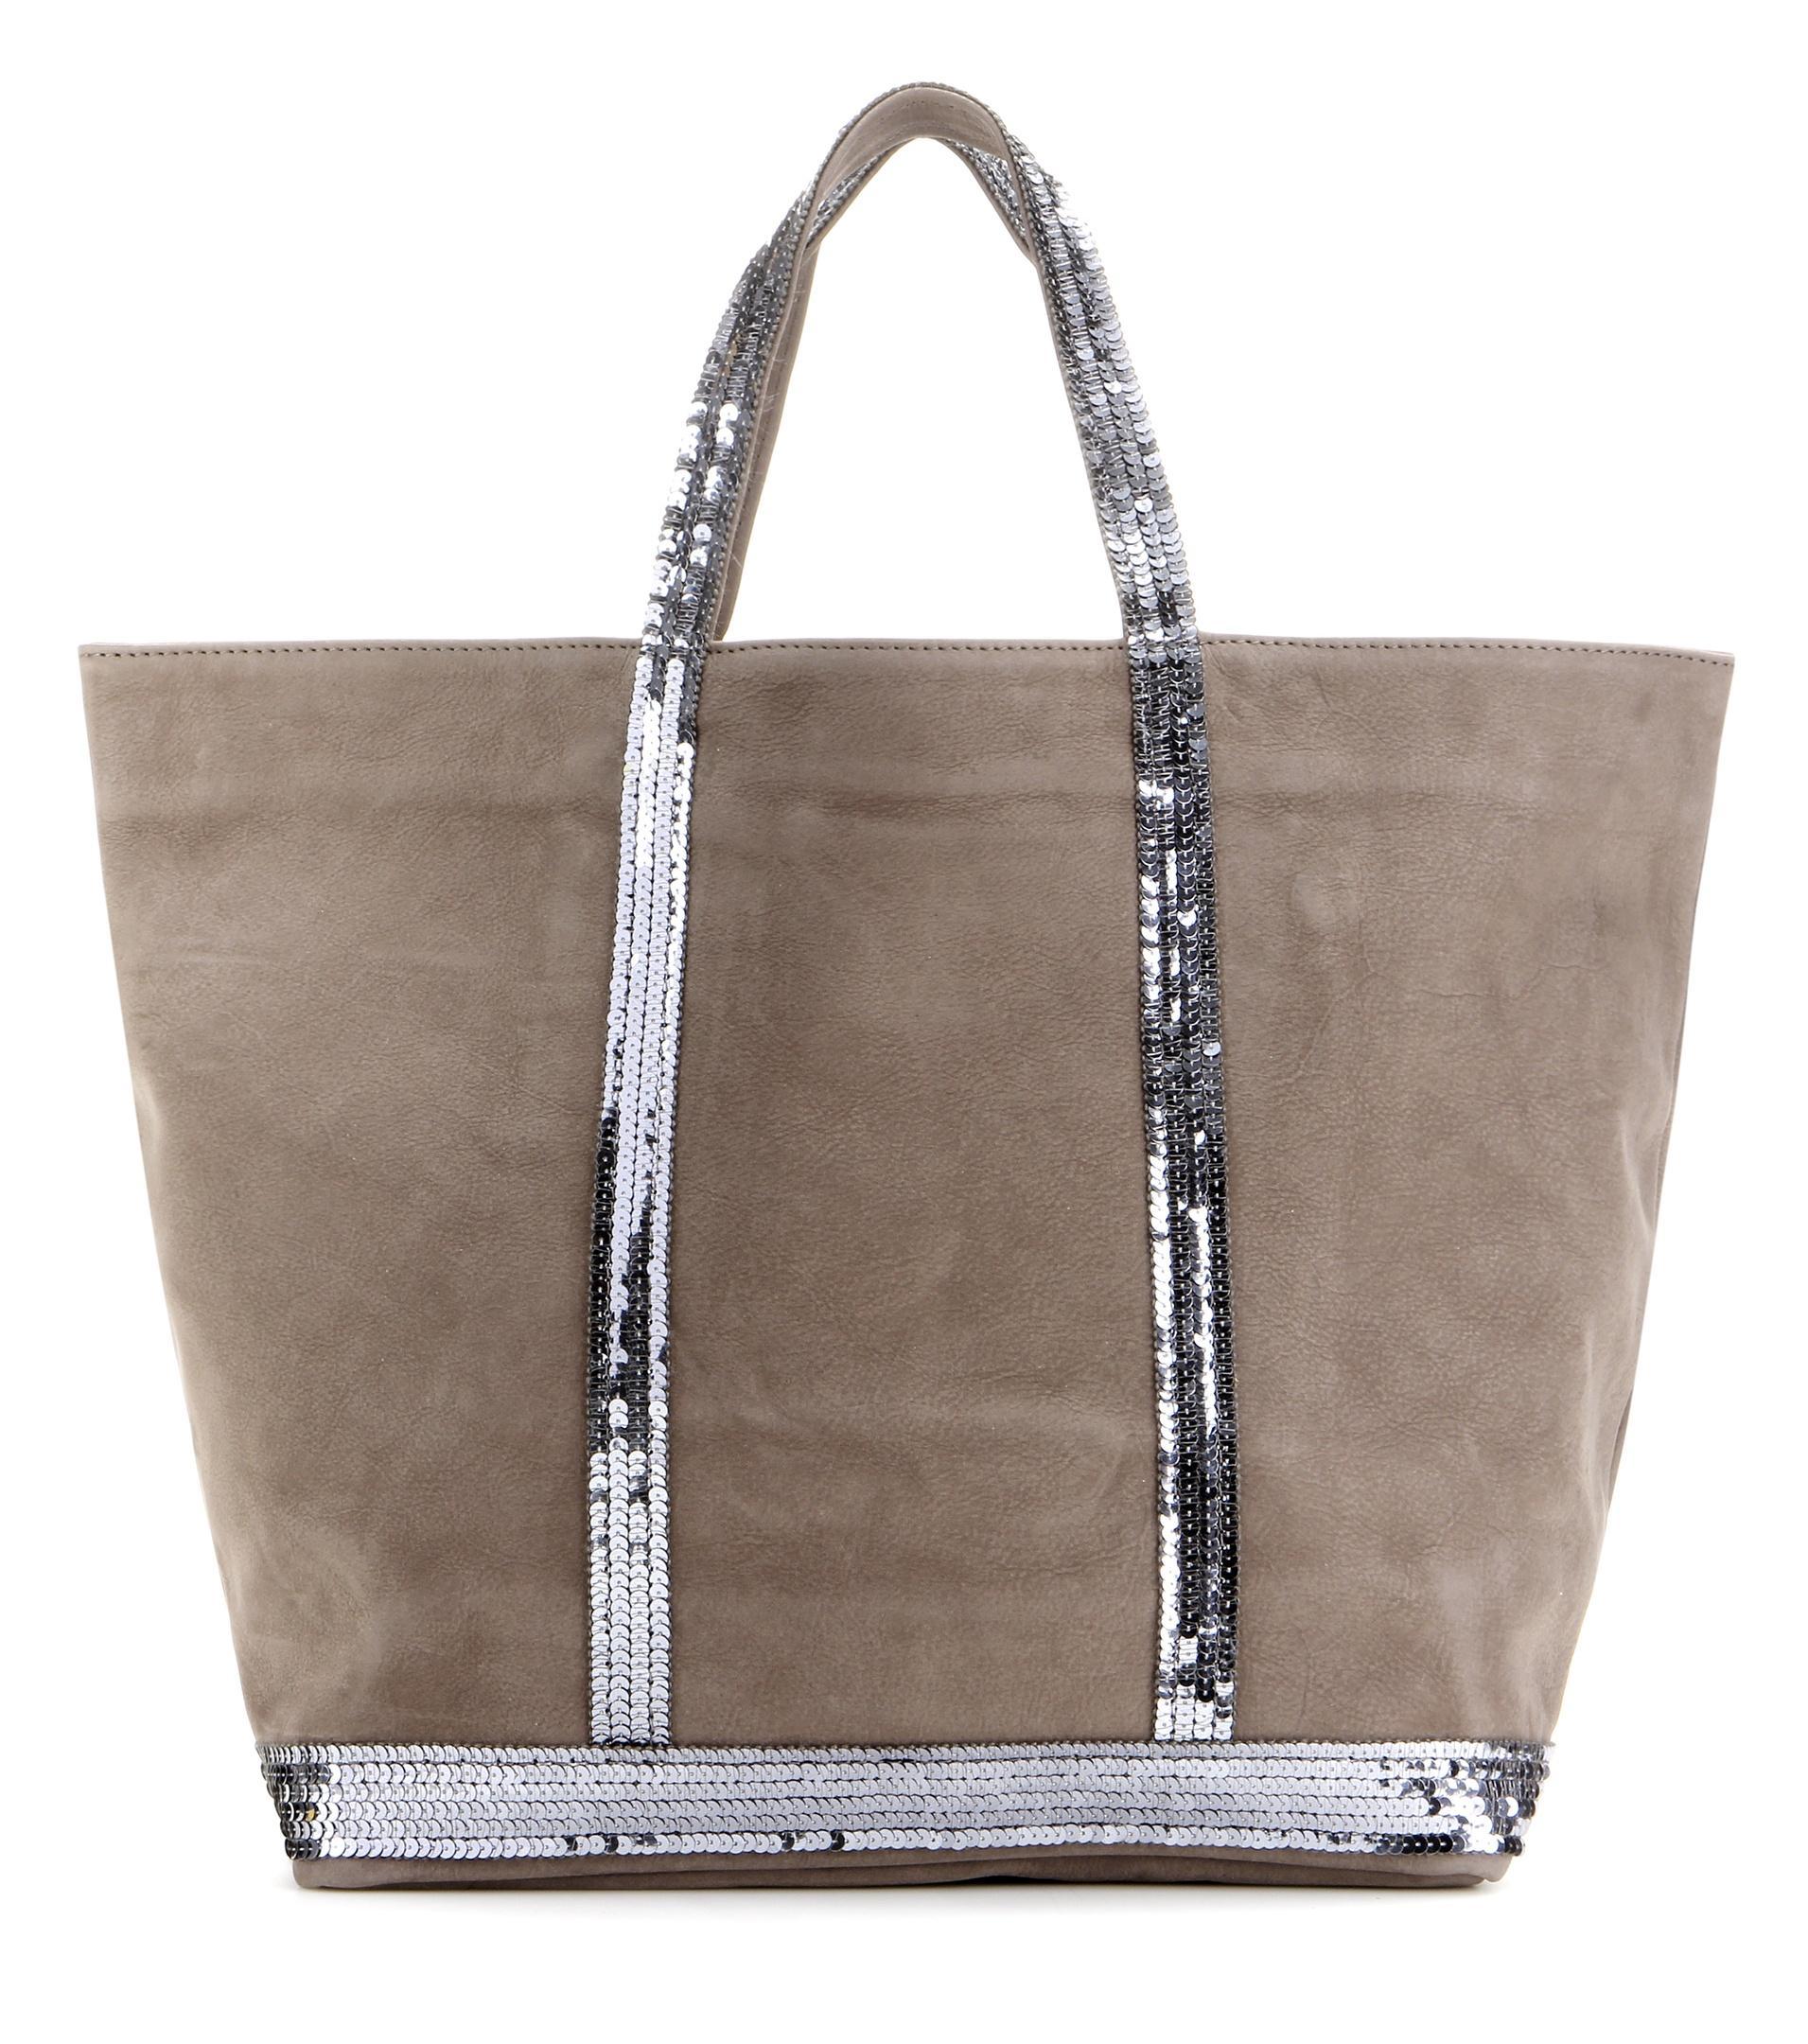 lyst vanessa bruno cabas medium embellished leather shopper in gray. Black Bedroom Furniture Sets. Home Design Ideas